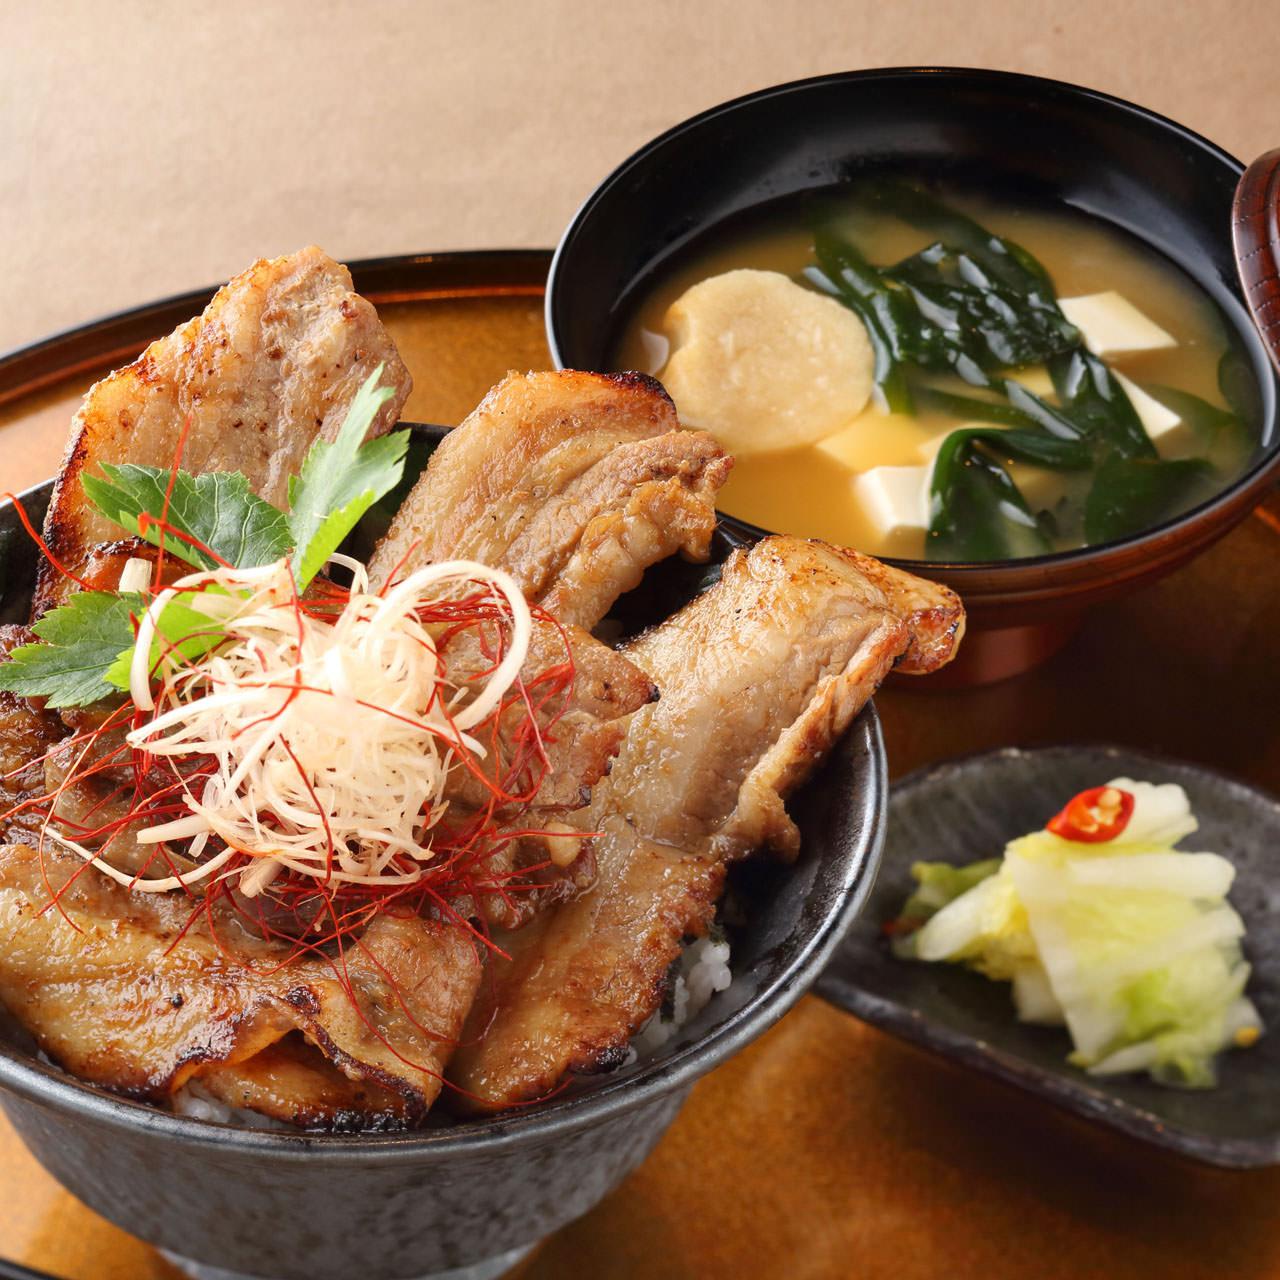 仕事の合間のランチにおすすめ♪霞ヶ関で食べられる絶品ランチ6選のサムネイル画像